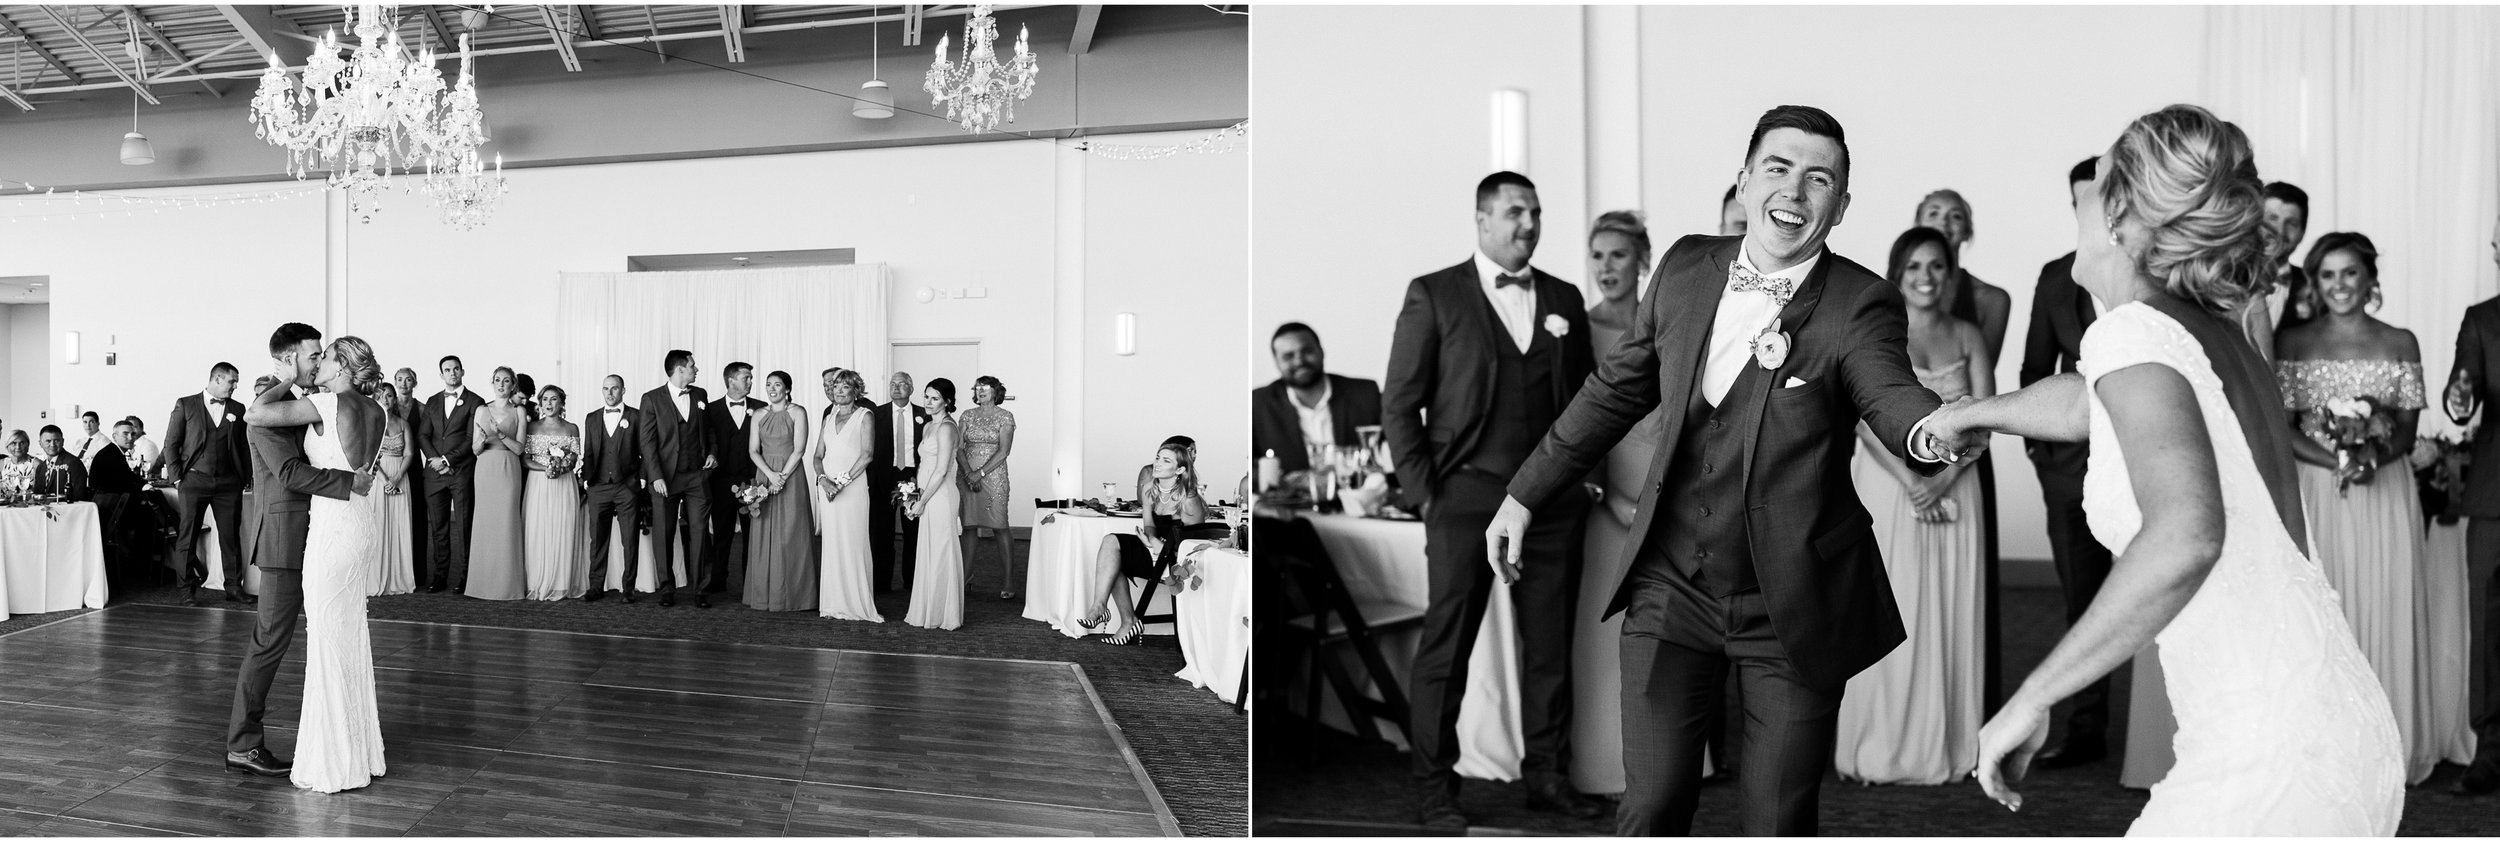 Portland, Maine Wedding at Ocean Gateway 41.jpg